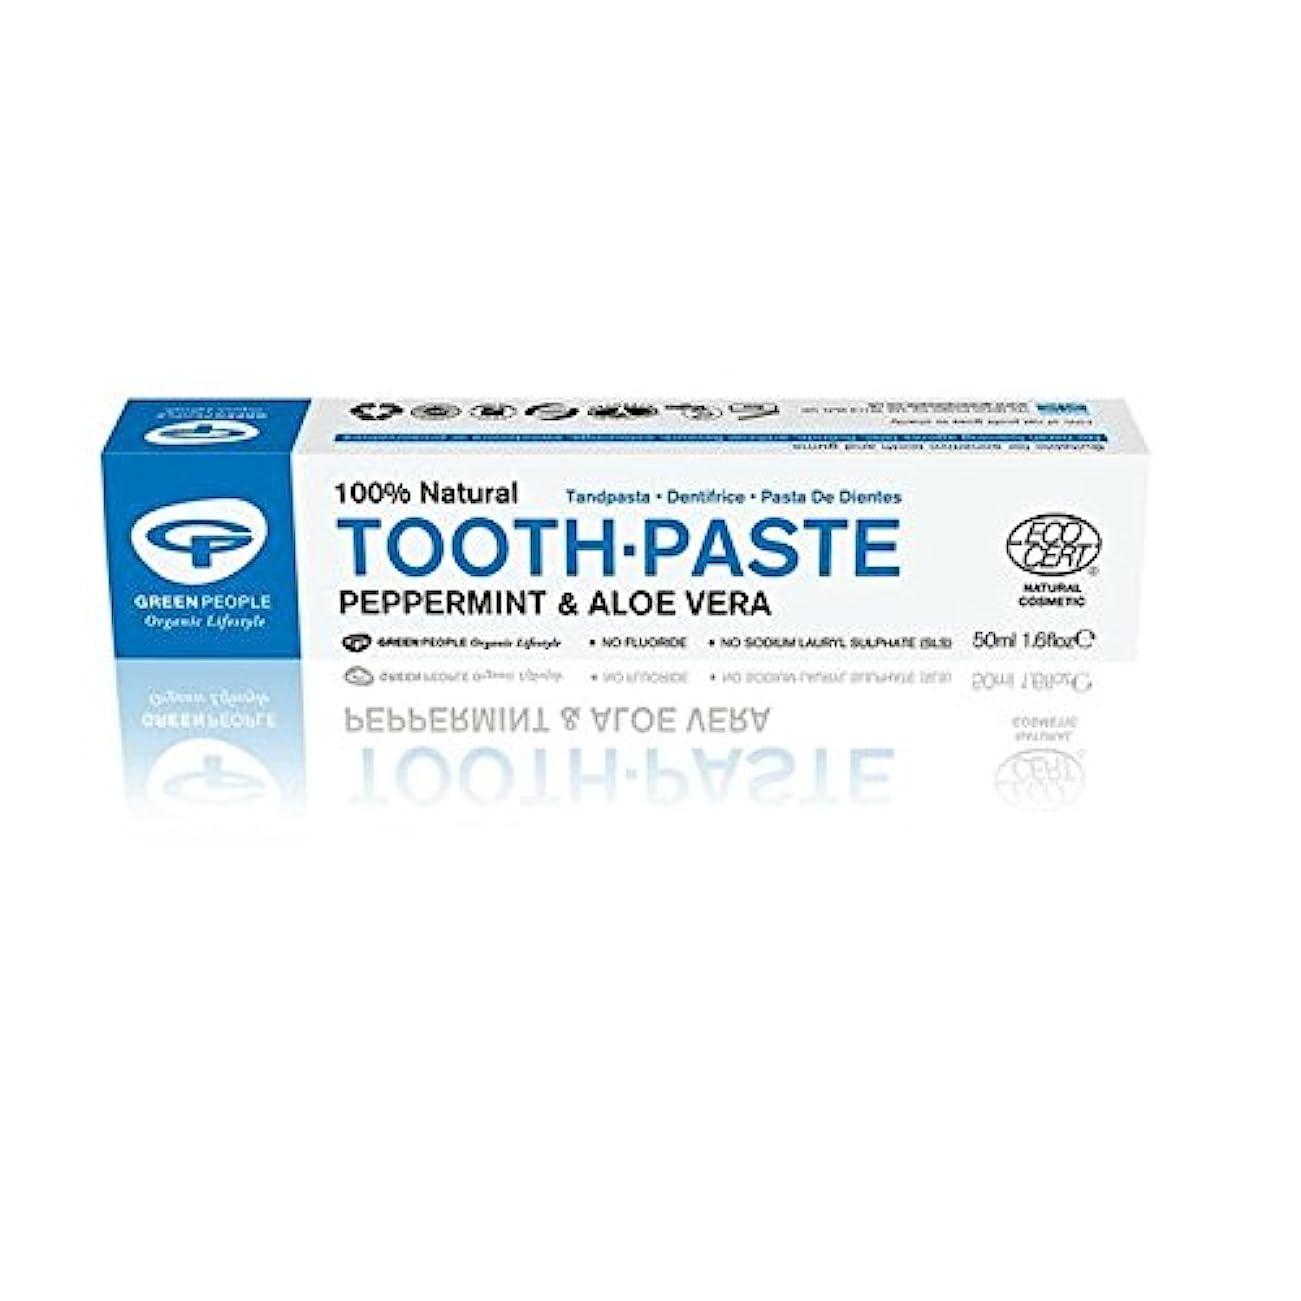 味わう過激派フェローシップ緑の人々の自然ミント歯磨き粉50ミリリットル x4 - Green People Natural Mint Toothpaste 50ml (Pack of 4) [並行輸入品]